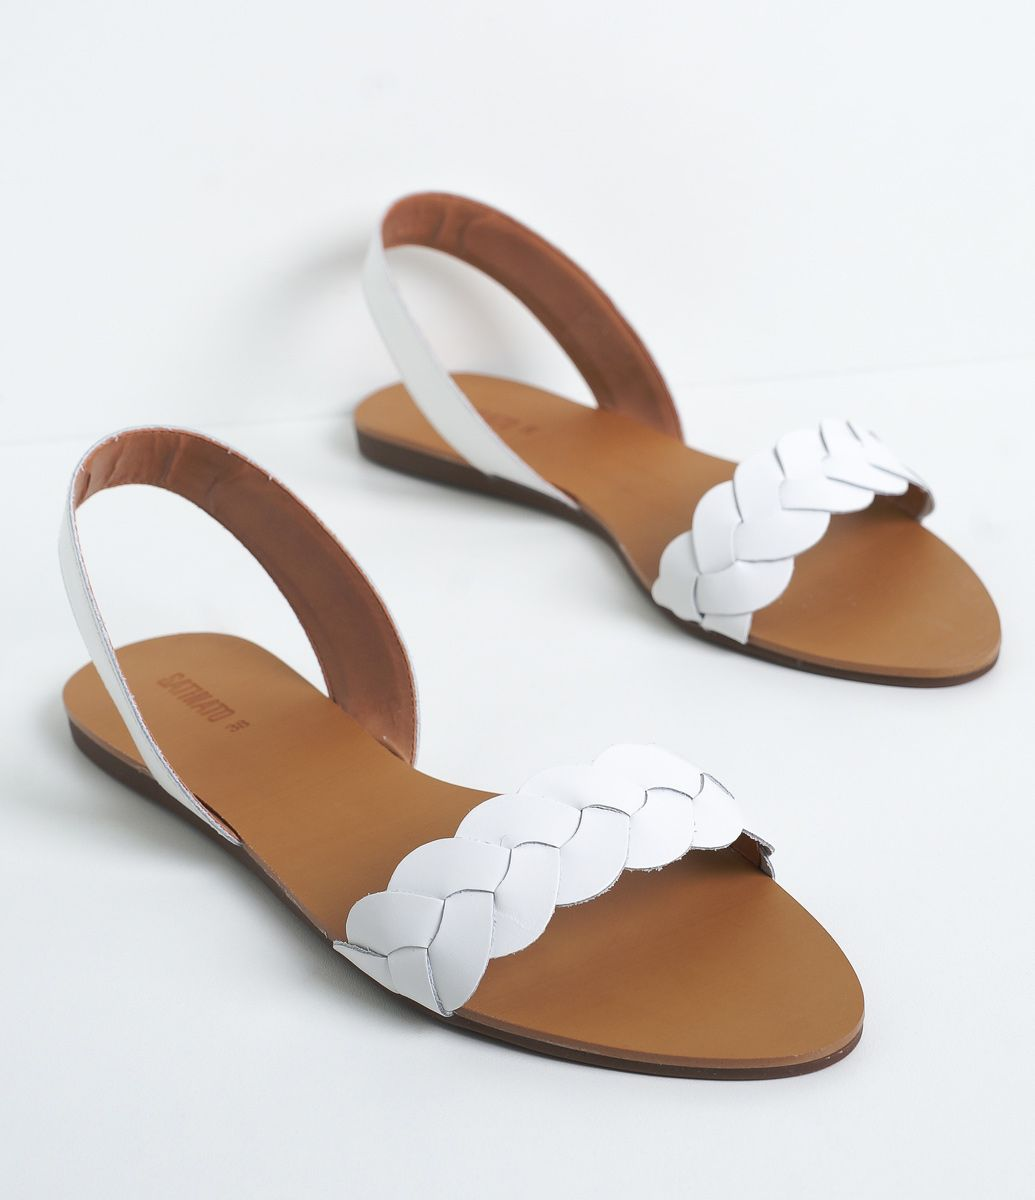 94c5bffd58 Sandália feminina Material  couro Rasteira Trançada Marca  Satinato COLEÇÃO  VERÃO 2017 Veja outras opções de sandálias femininas.